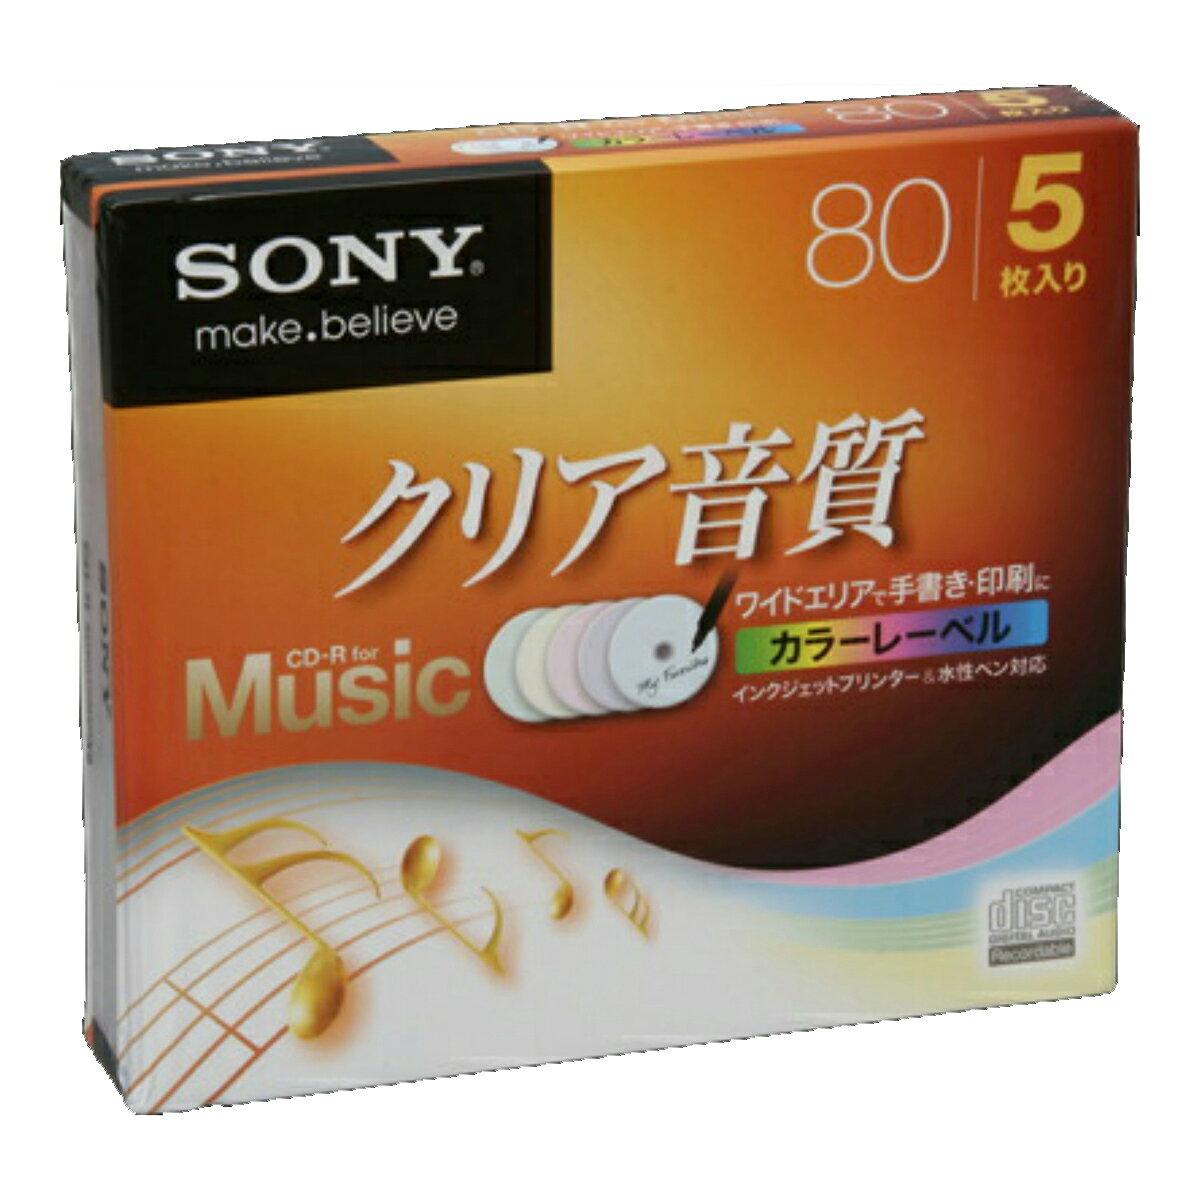 【20個で送料無料】ソニーマーケティング *録音用CD-R 5CRM80HPXS×20点セット ( 4905524836745 )